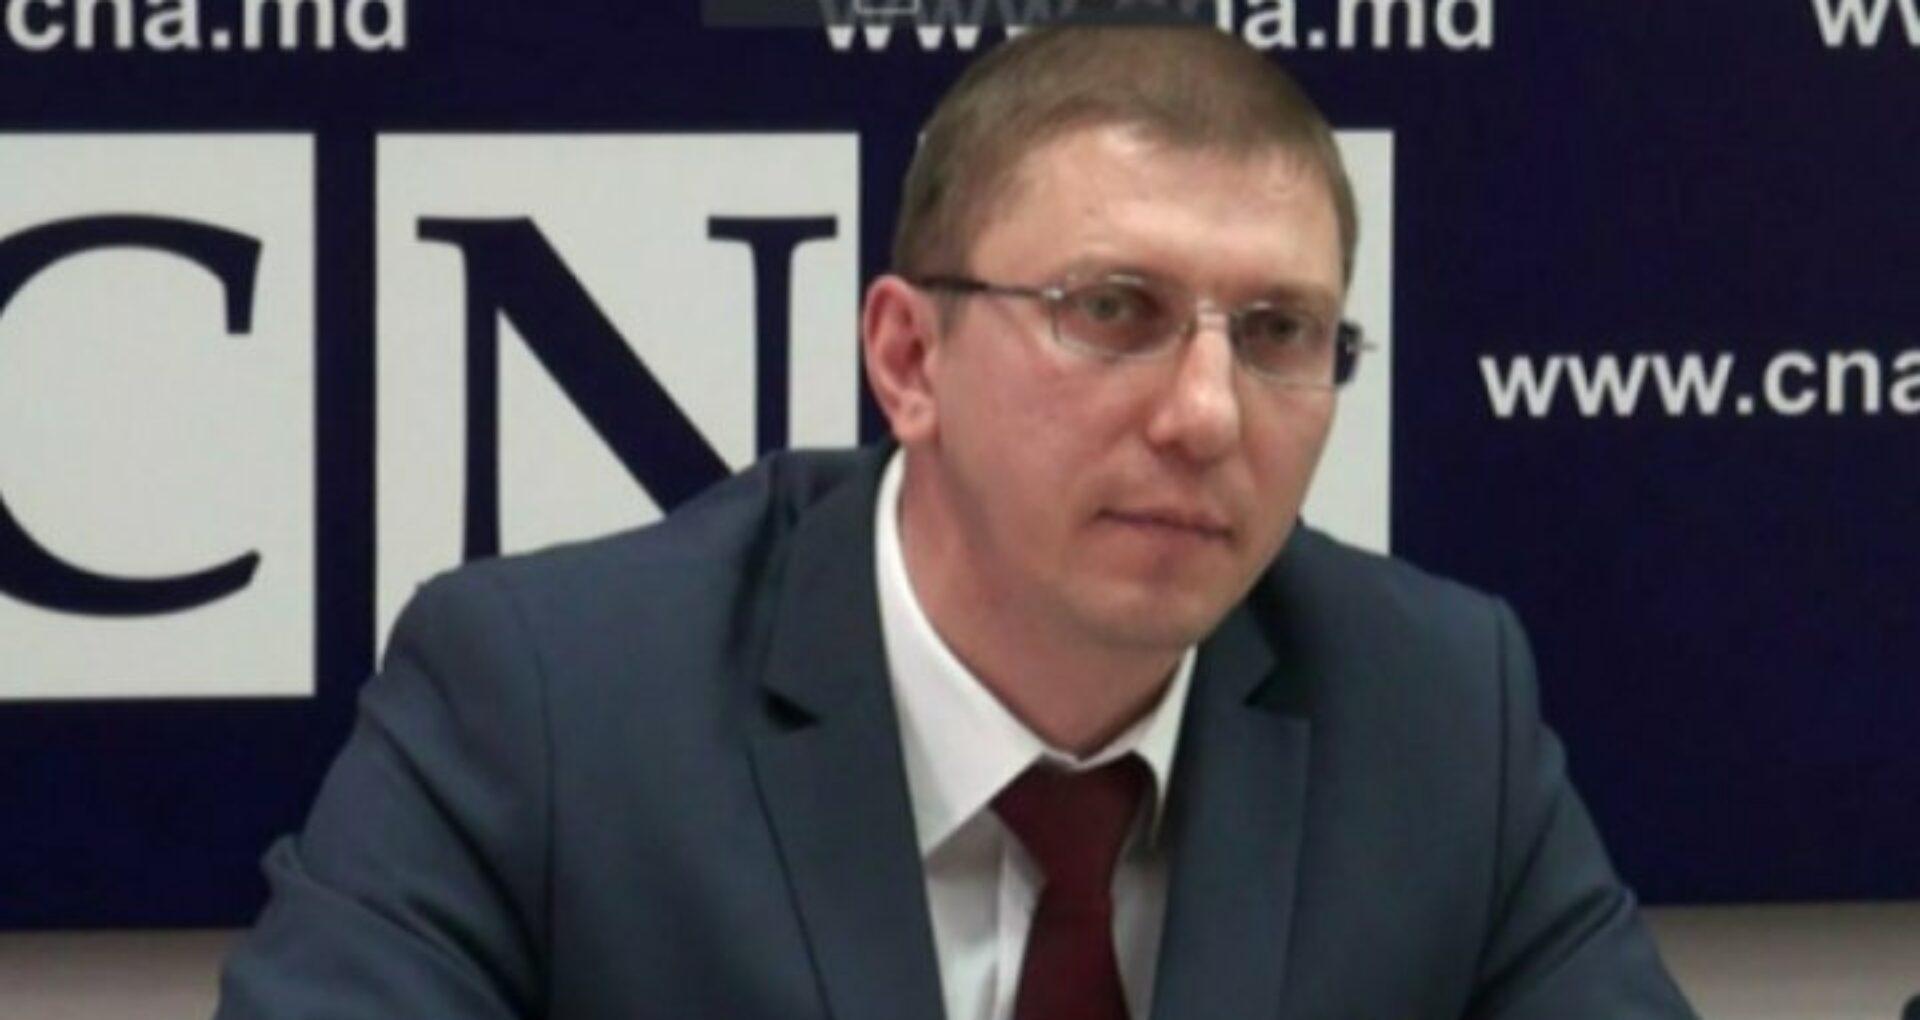 Detalii de la Procuratura Generală pe cazul reținerii lui Viorel Morari, fostul șef al Procuraturii Anticorupție